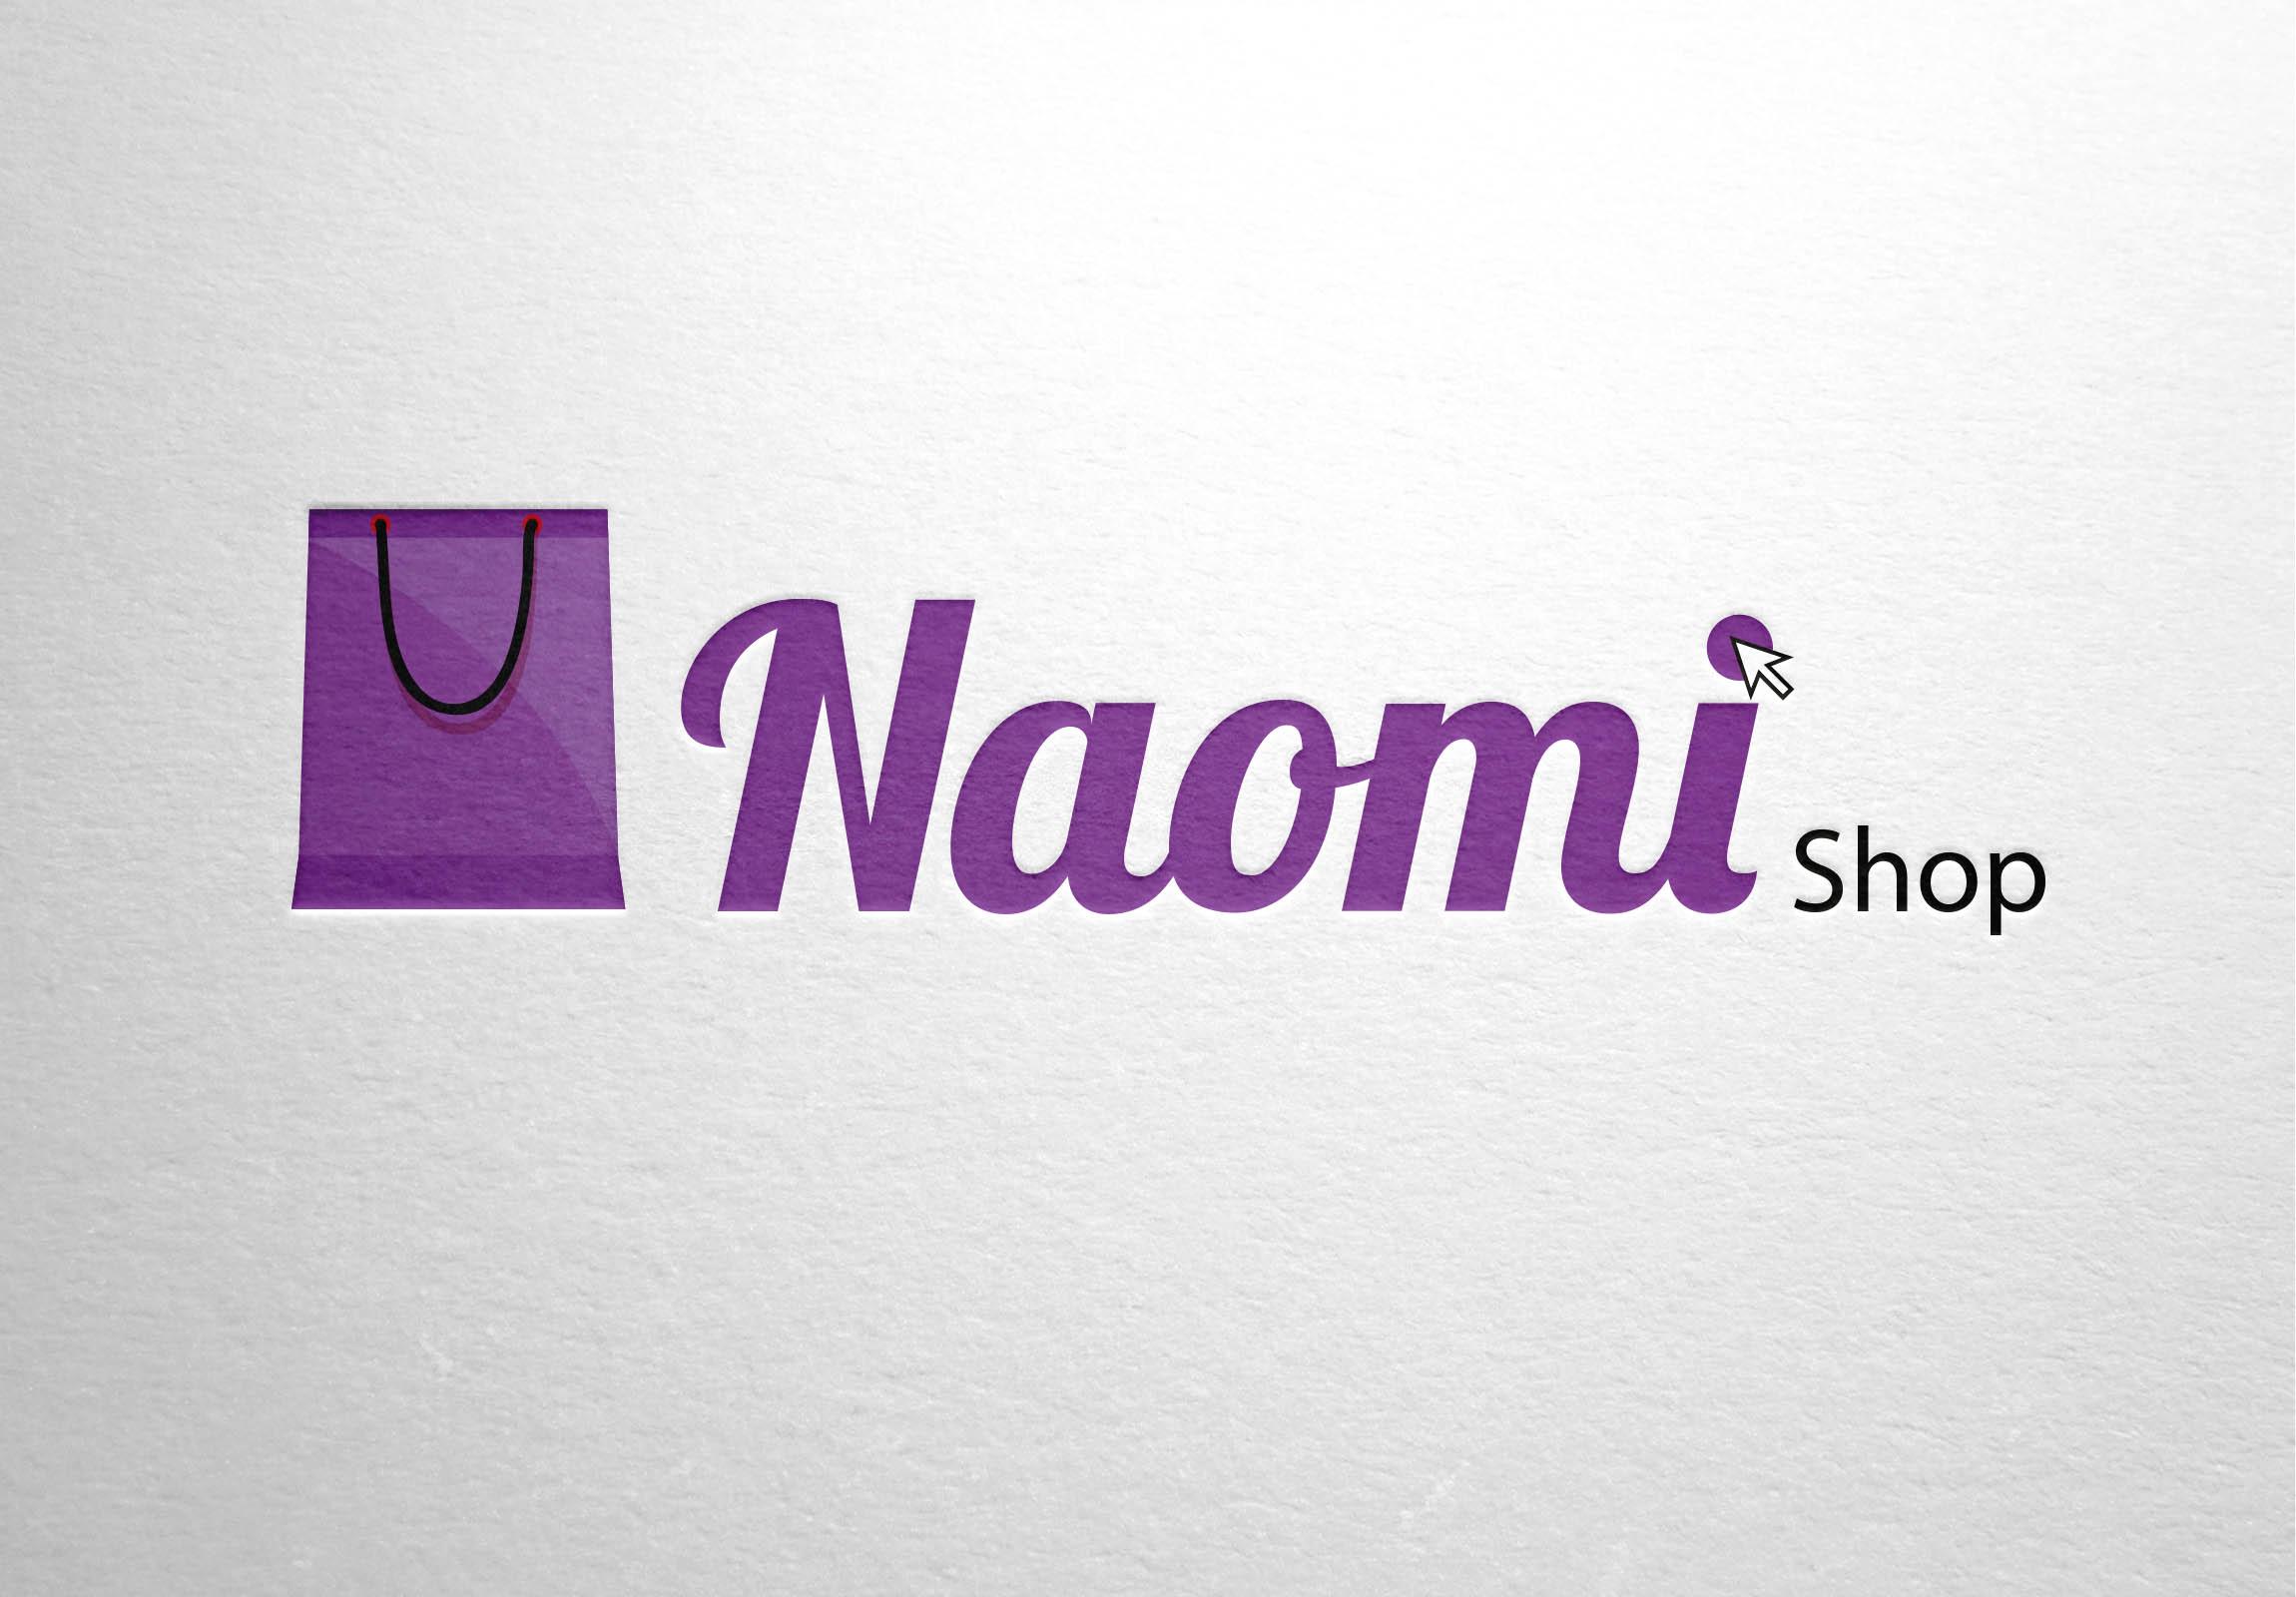 naomi-shop